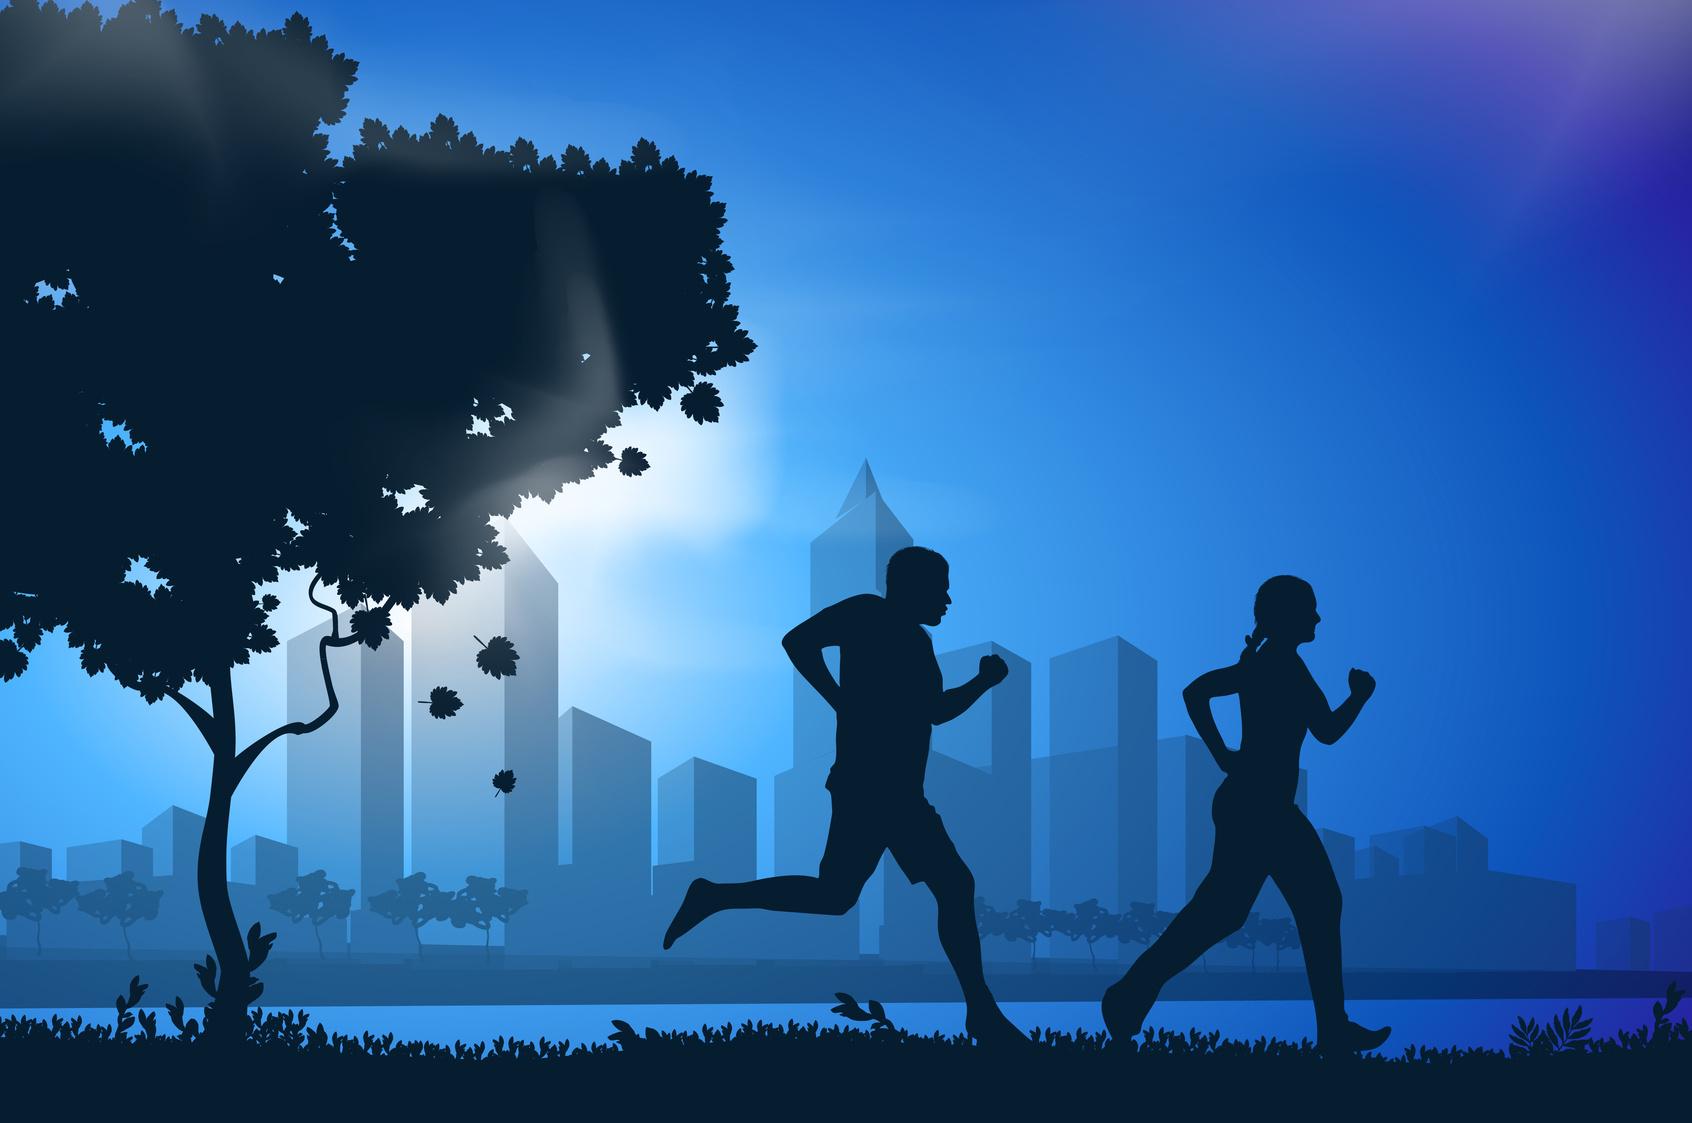 Πρόγραμμα προπόνησης τρεξίματος 30 λεπτών για νέους δρομείς